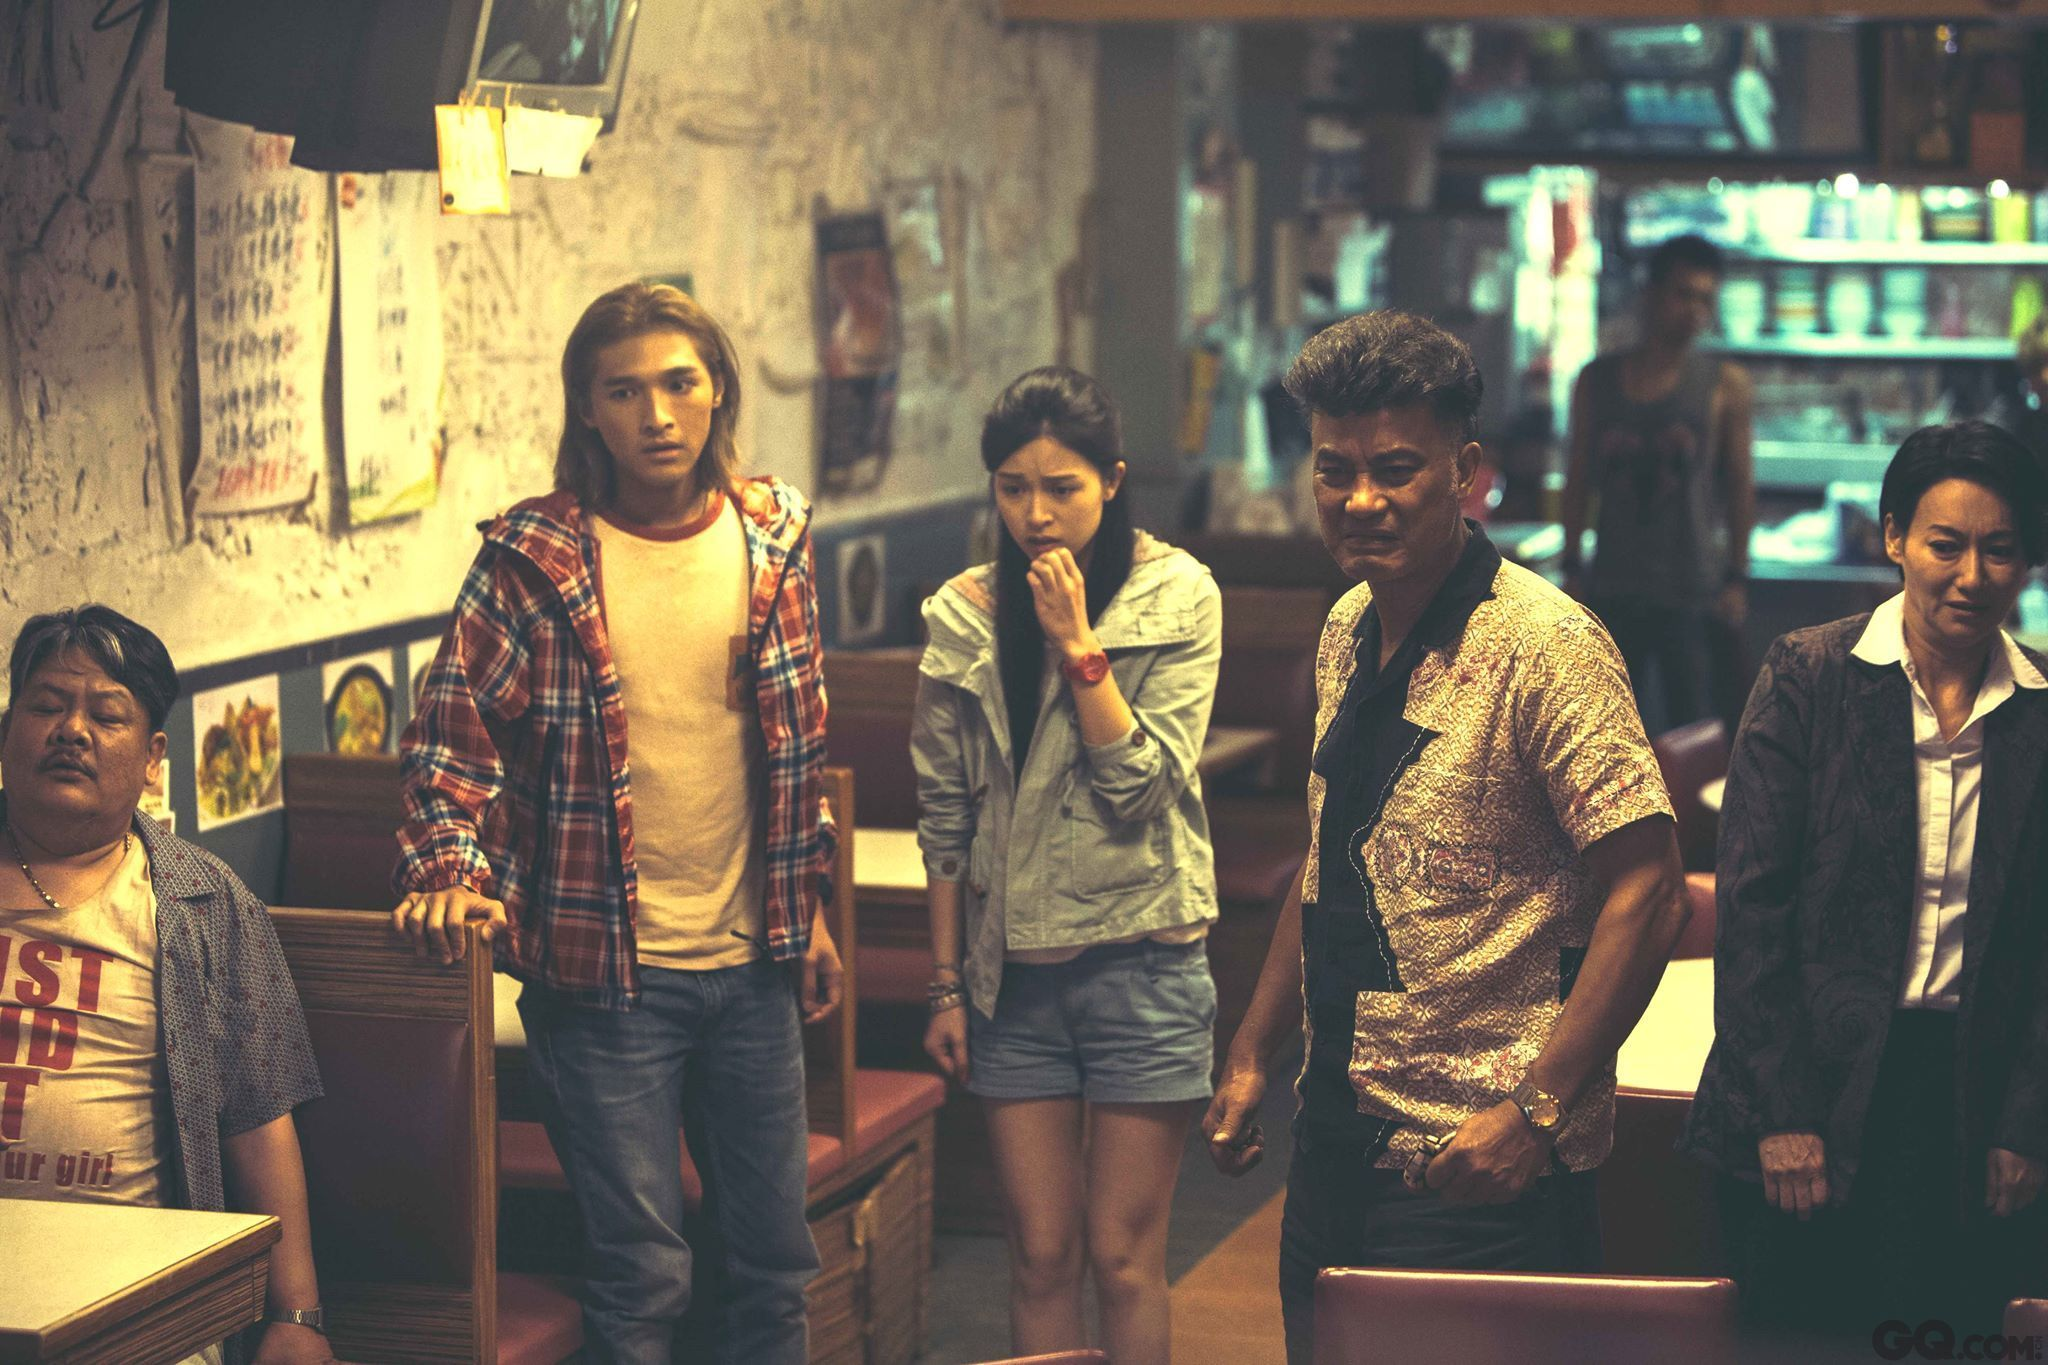 """与此同时,今年获得最佳电影、最佳导演、最佳编剧、最佳男女配角等多项提名的香港电影《那夜凌晨,我坐上了旺角开往大埔的红VAN》,最终只抱归""""最佳原创电影音乐""""奖。关于香港电影前路如何走,金像奖影星们各有说法。"""